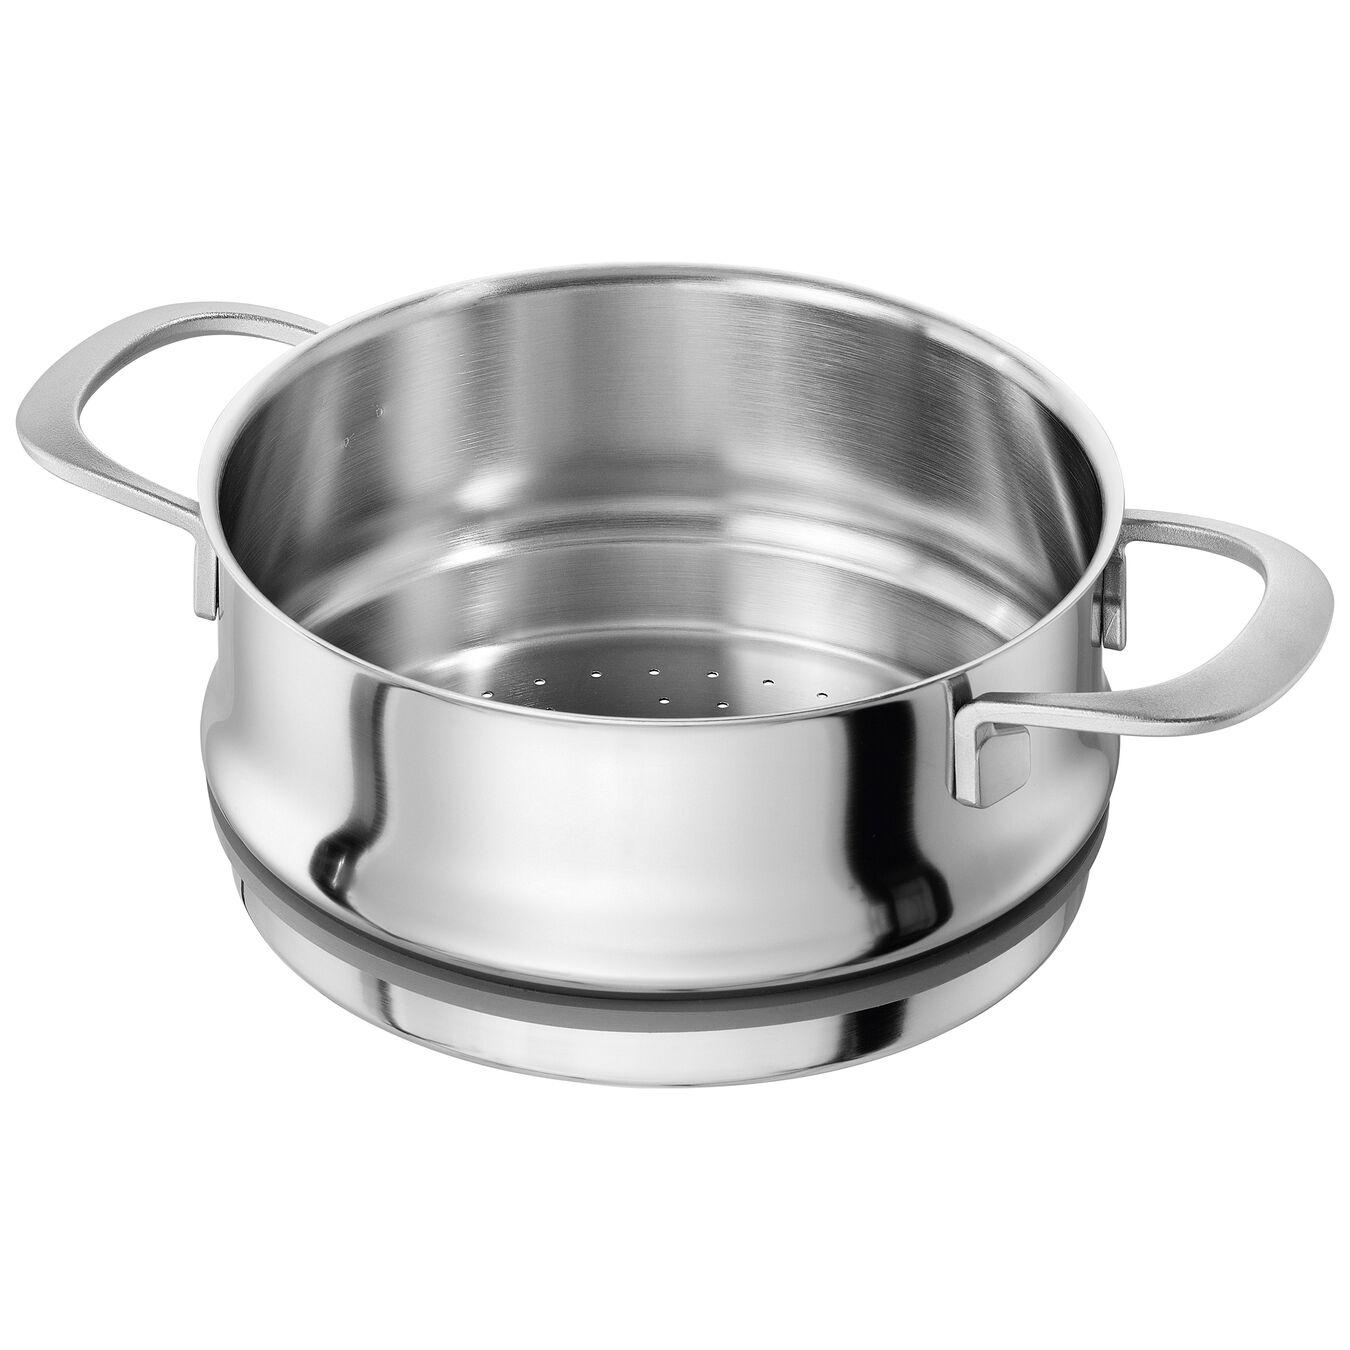 24 cm 18/10 Stainless Steel Insert pour casserole et poêle,,large 1